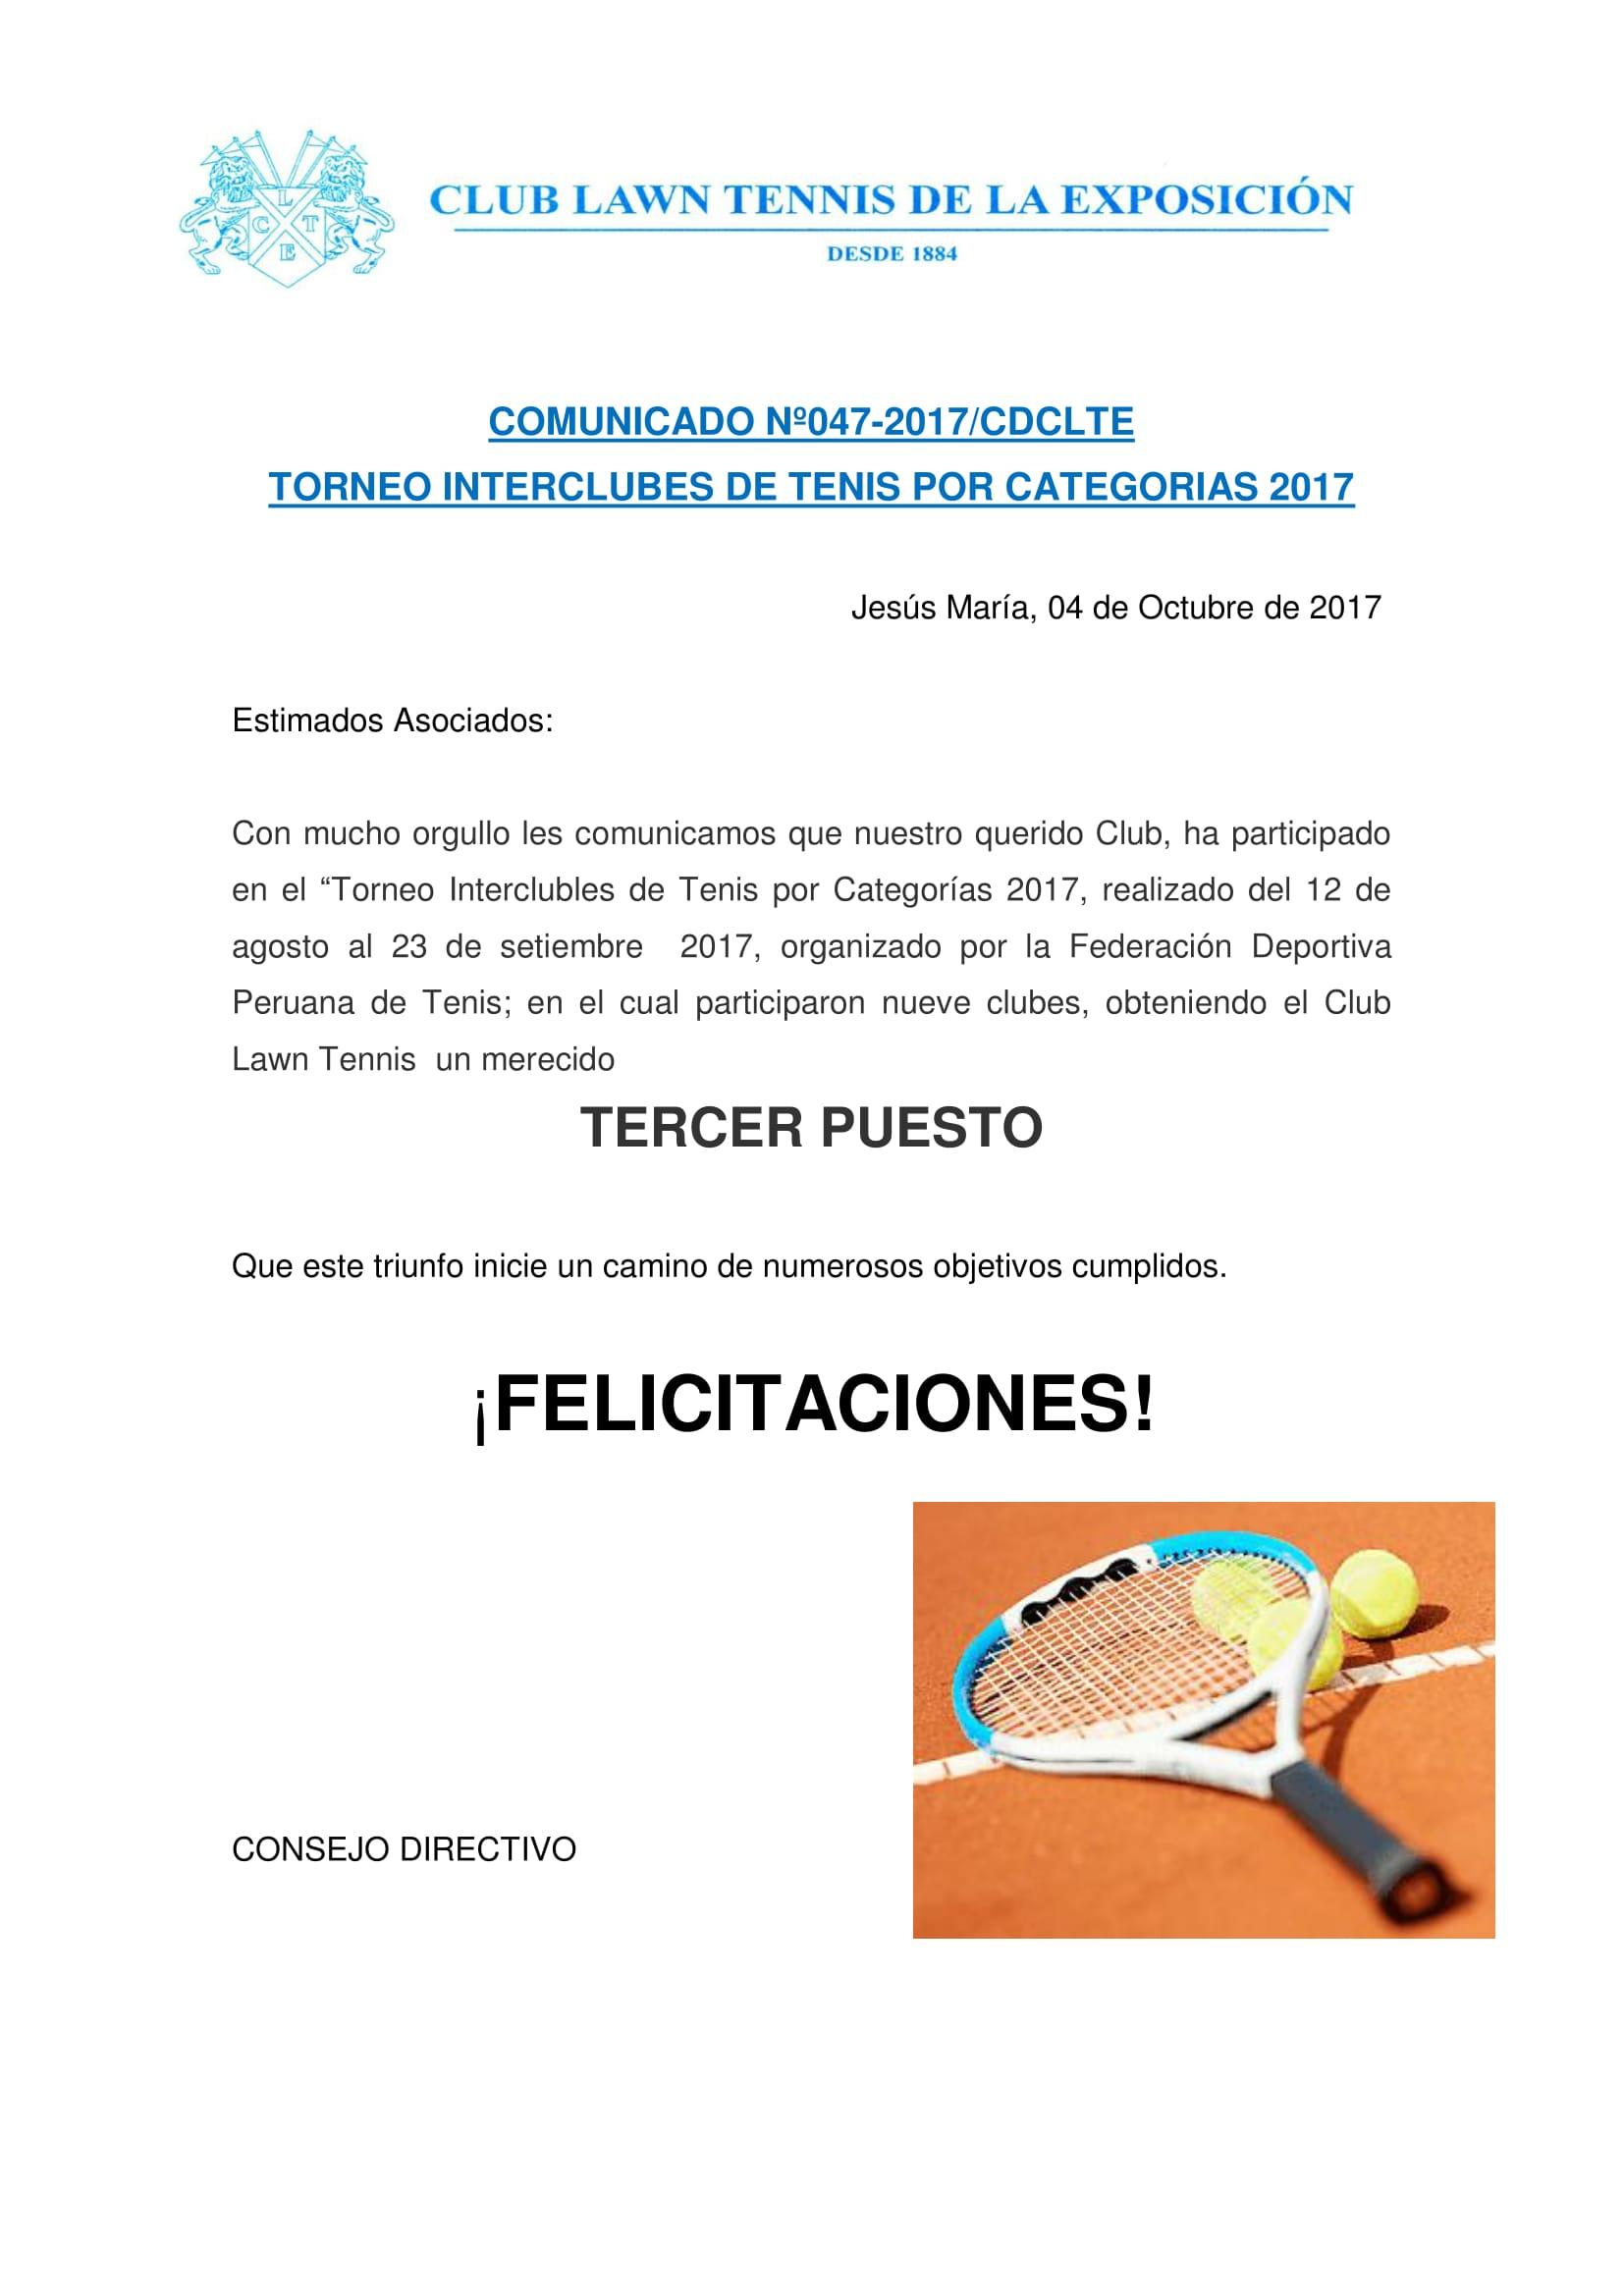 Comunicado 047 - Torneo Interclubes por Categorias 2017